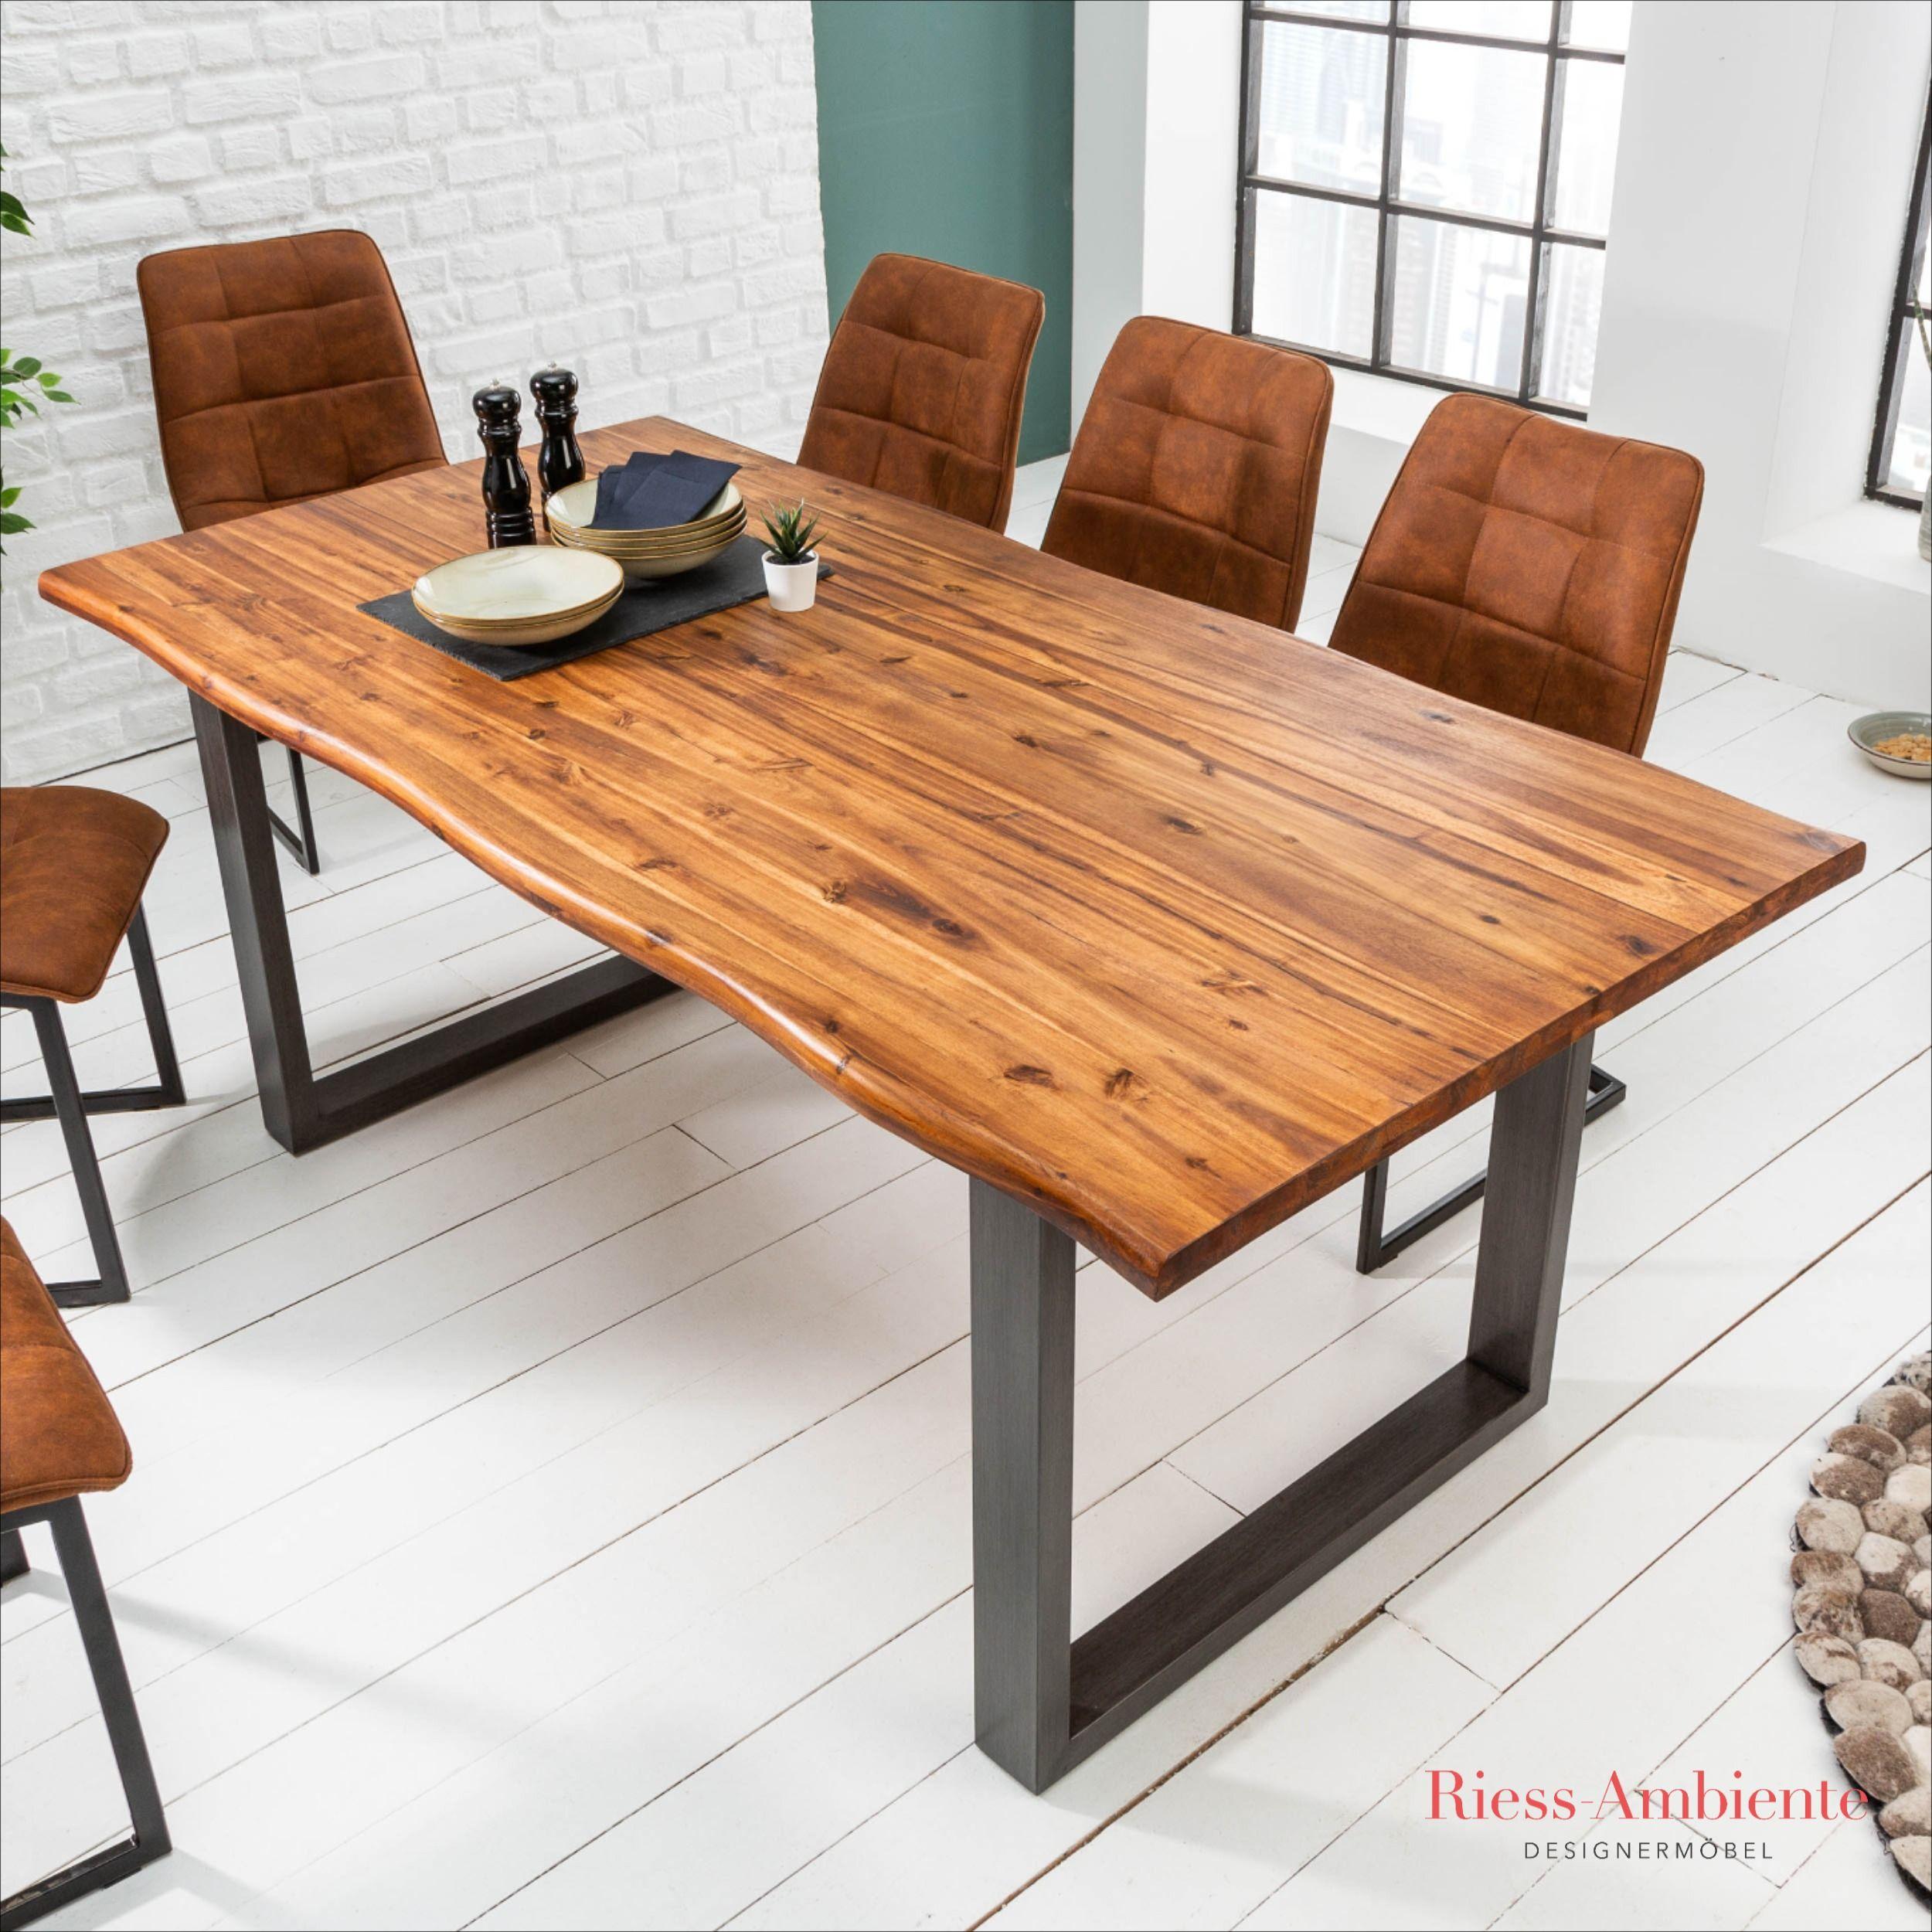 Baumstamm Tisch 160cm Akazie Geolt Riess Ambiente De In 2020 Baumstamm Tisch Stehtisch Tisch